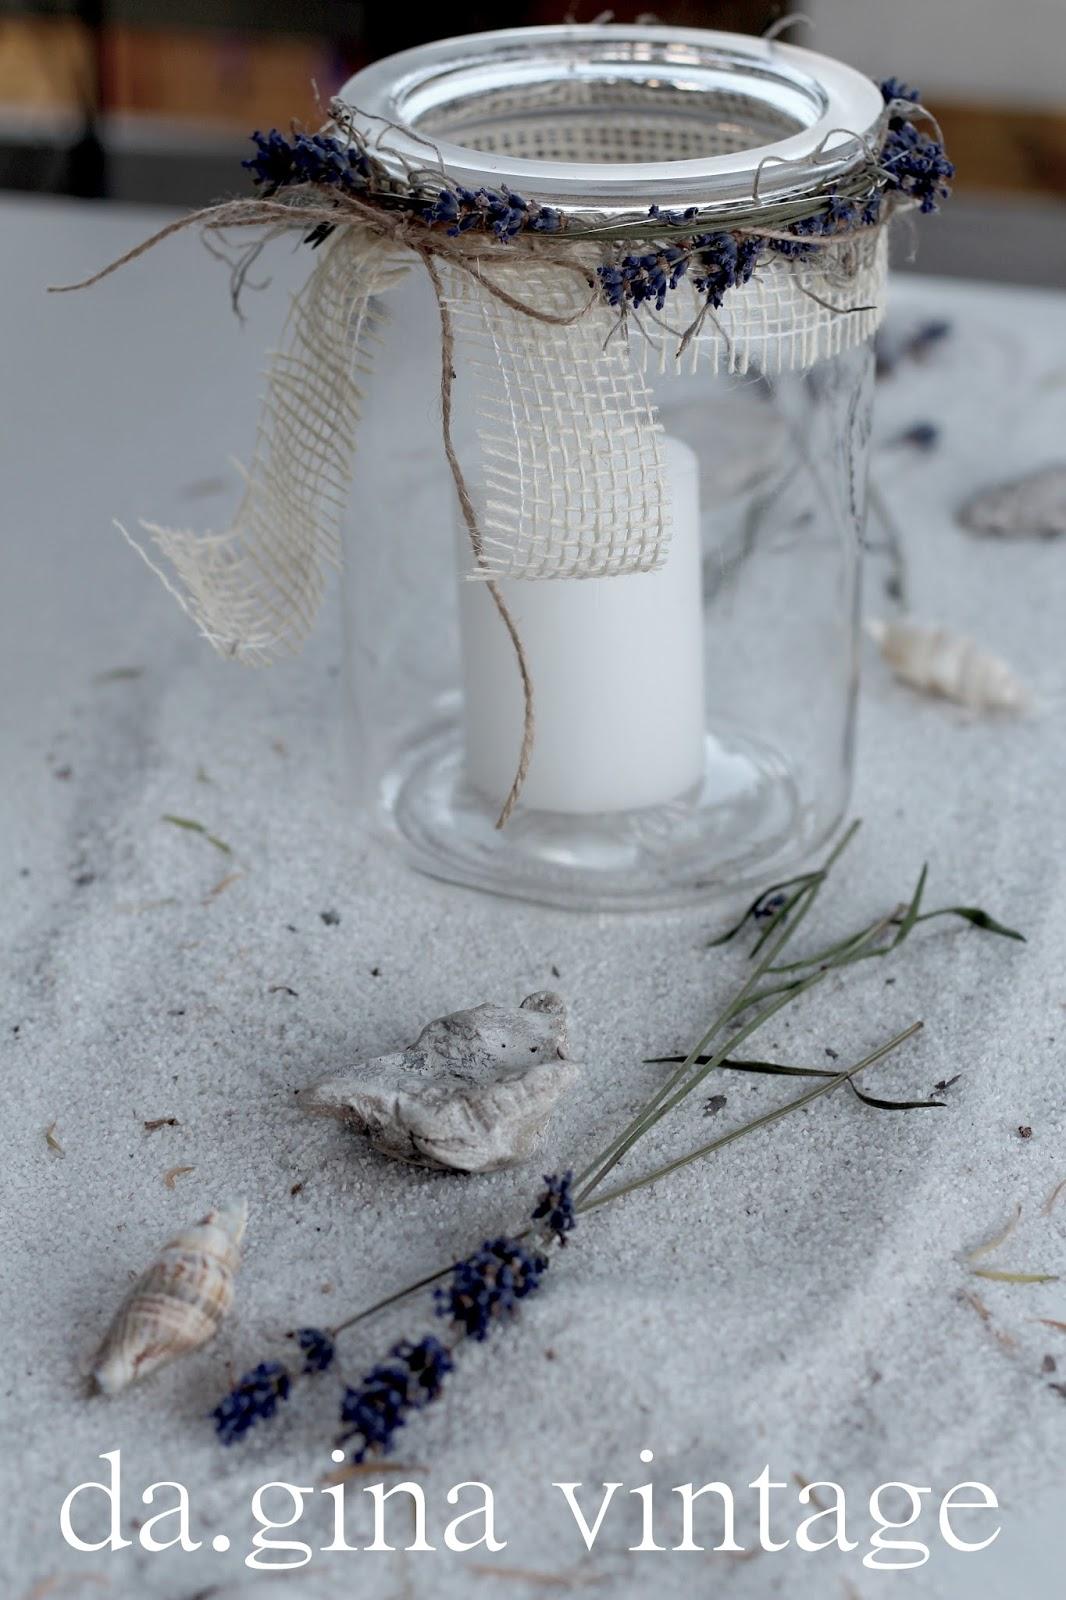 Vintage diy weckgl ser im strandlook - Glaser dekorieren mit sand ...